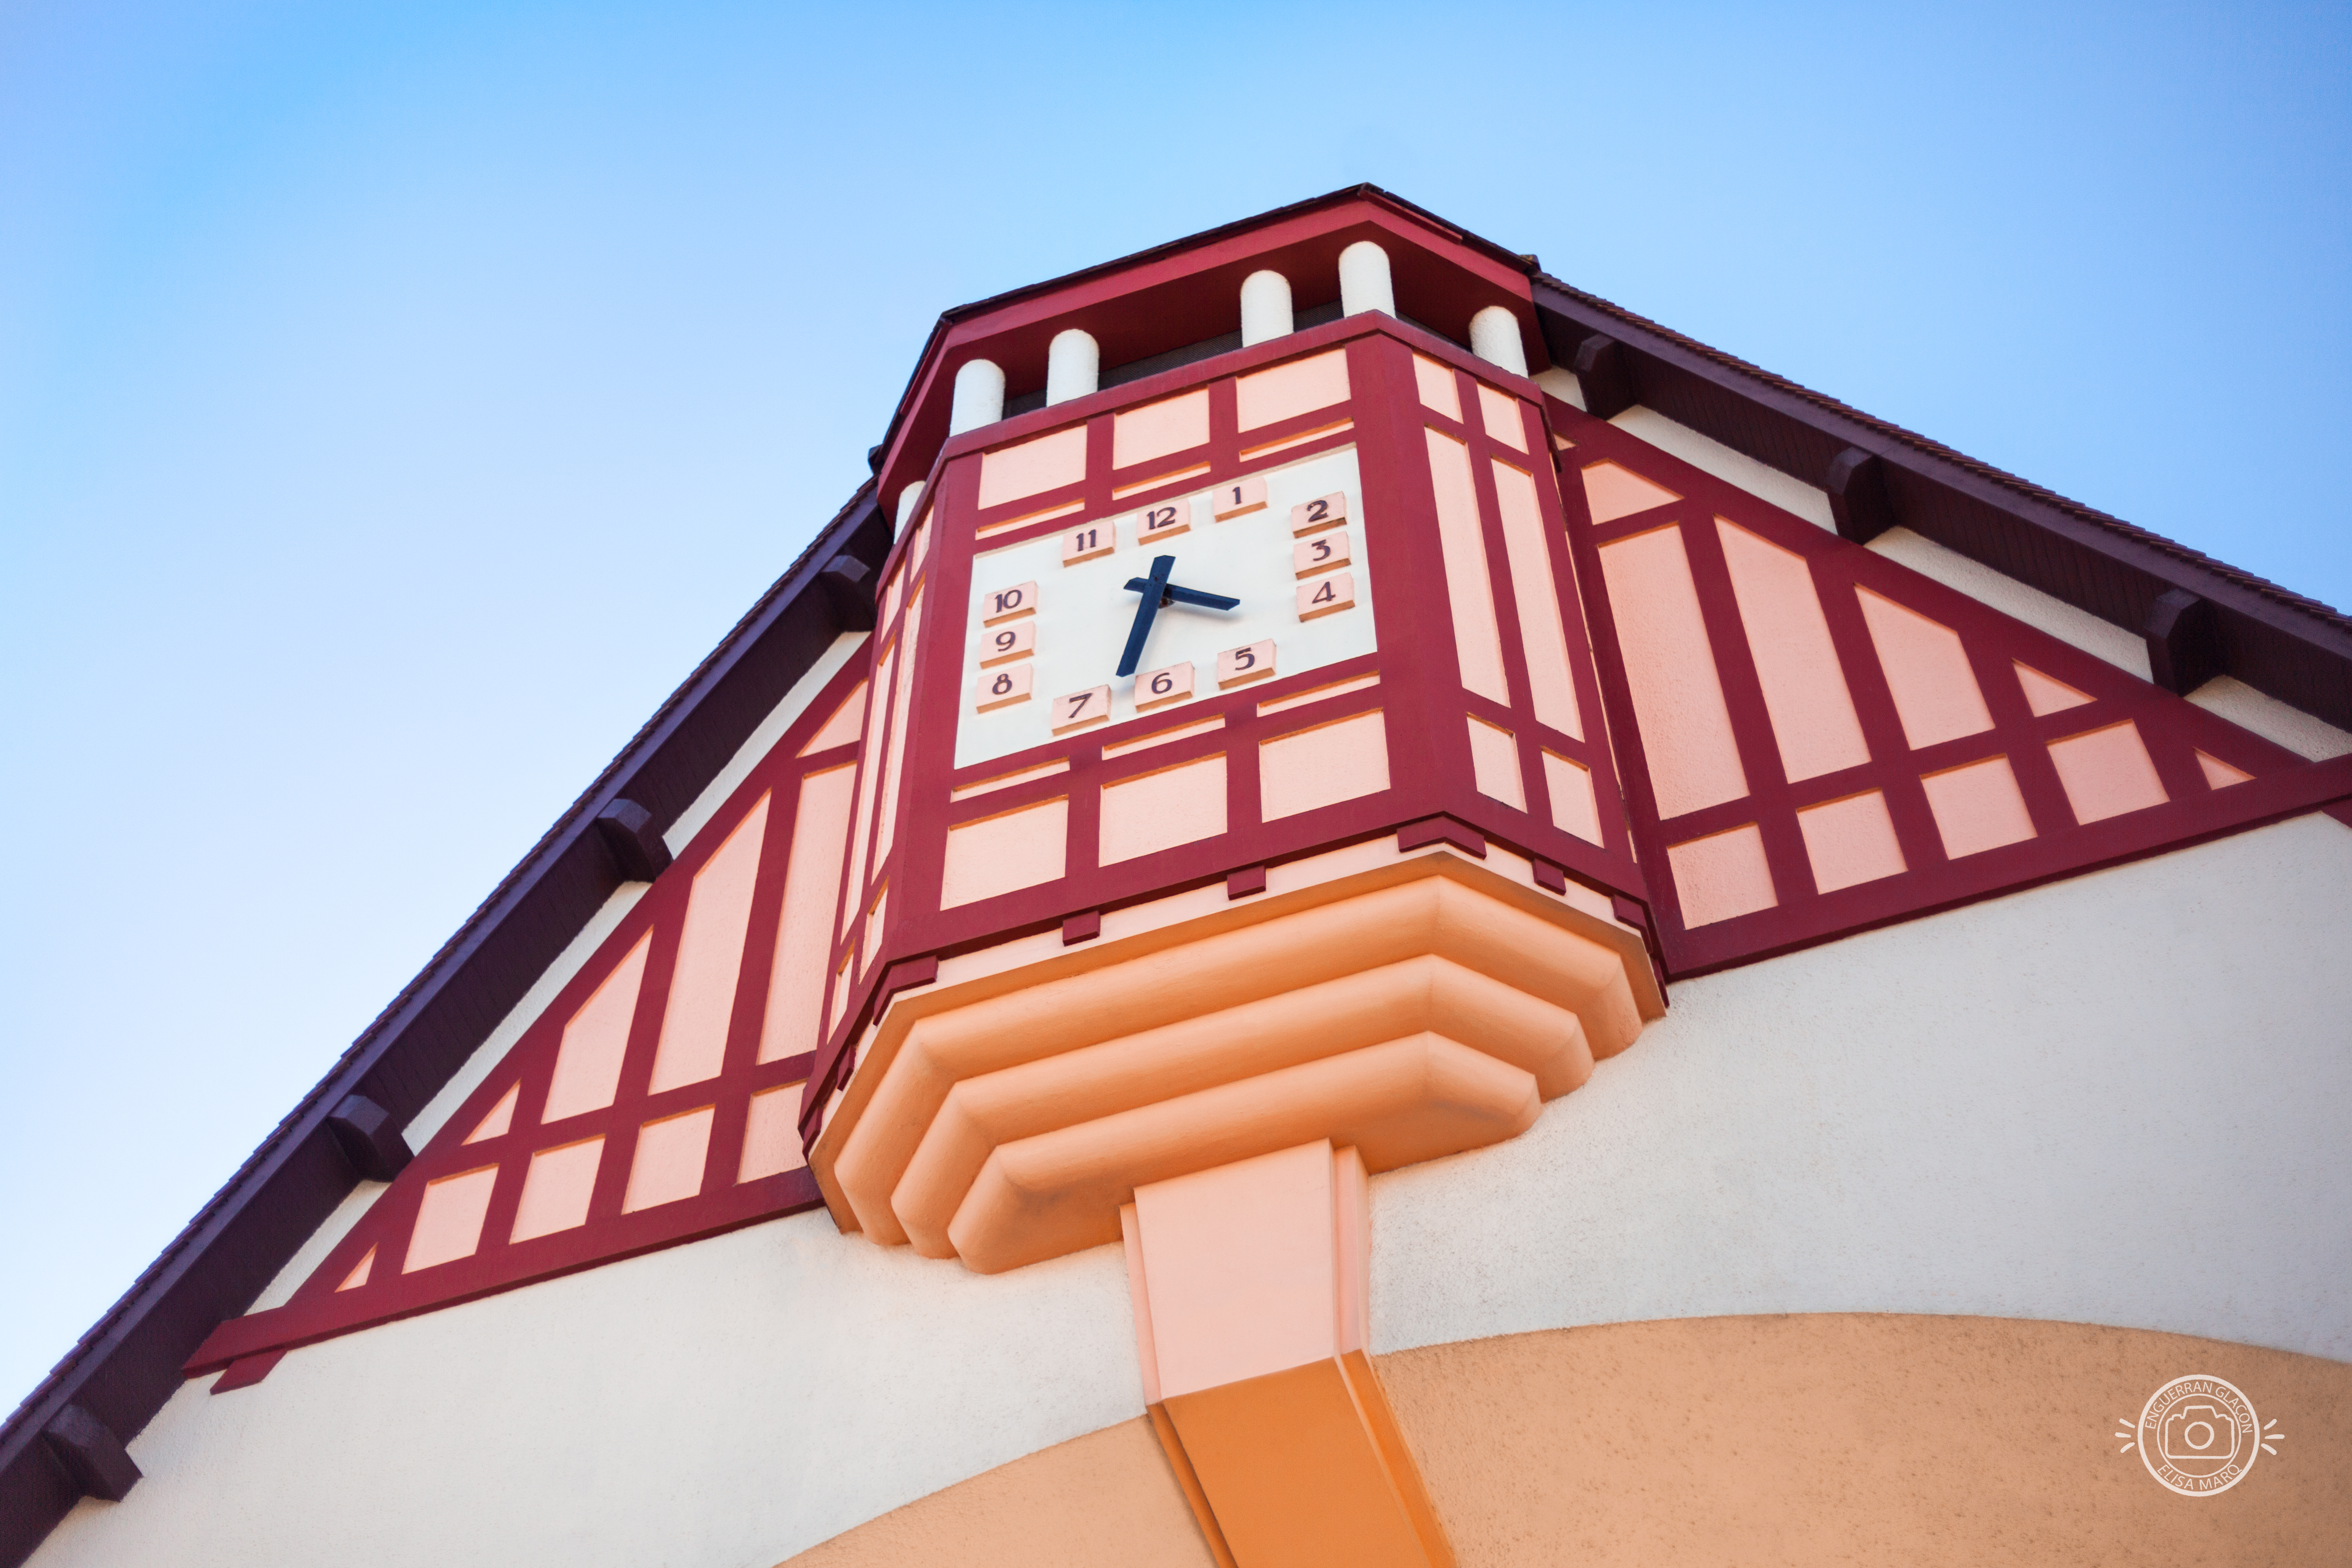 Horloge au Marché du Touquet